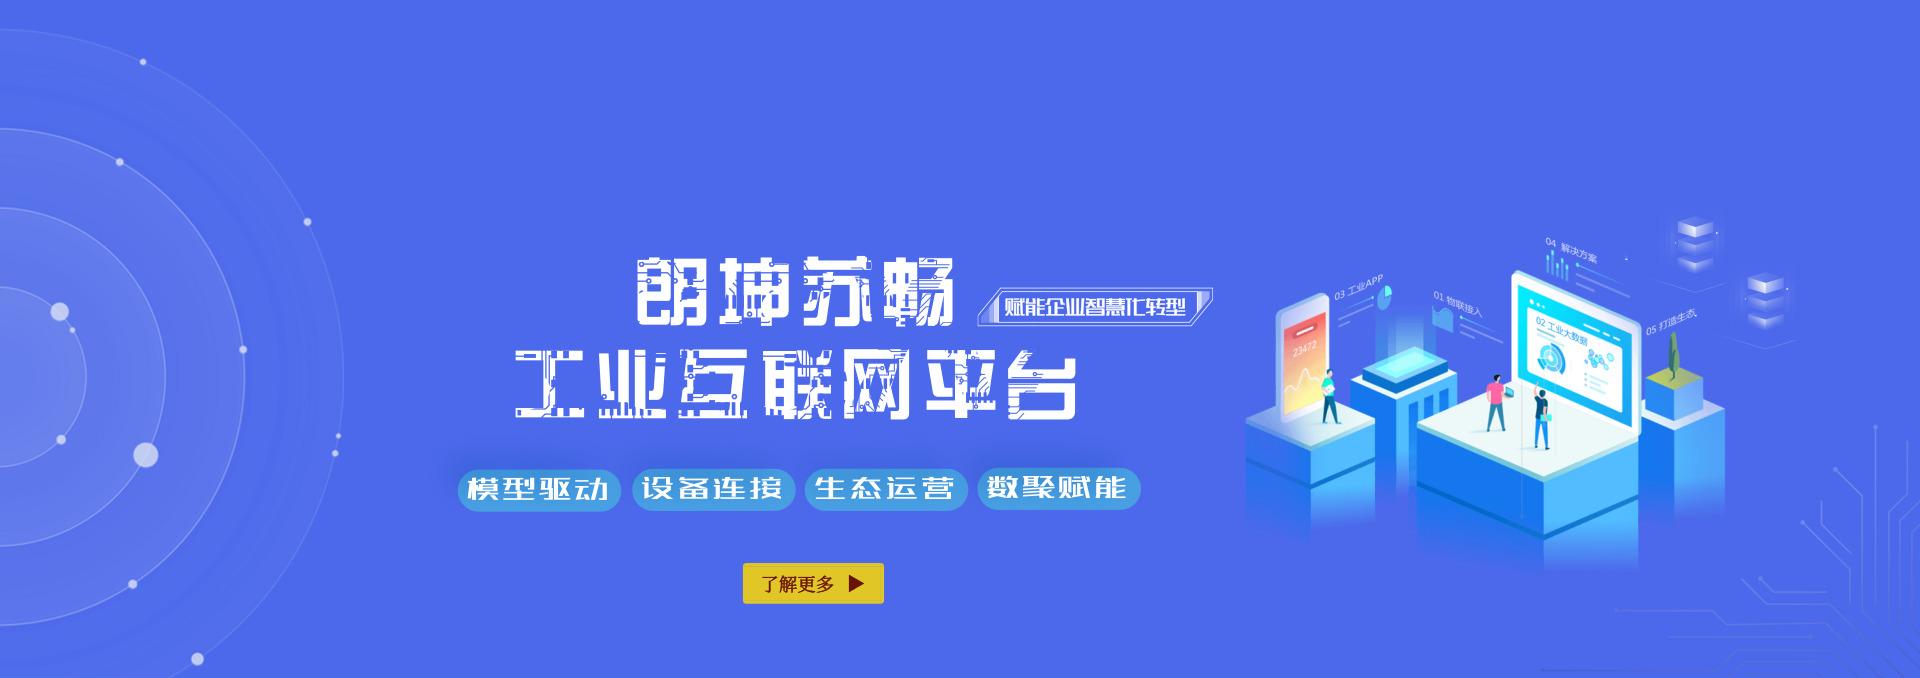 皇家roya苏畅工业互联网平台